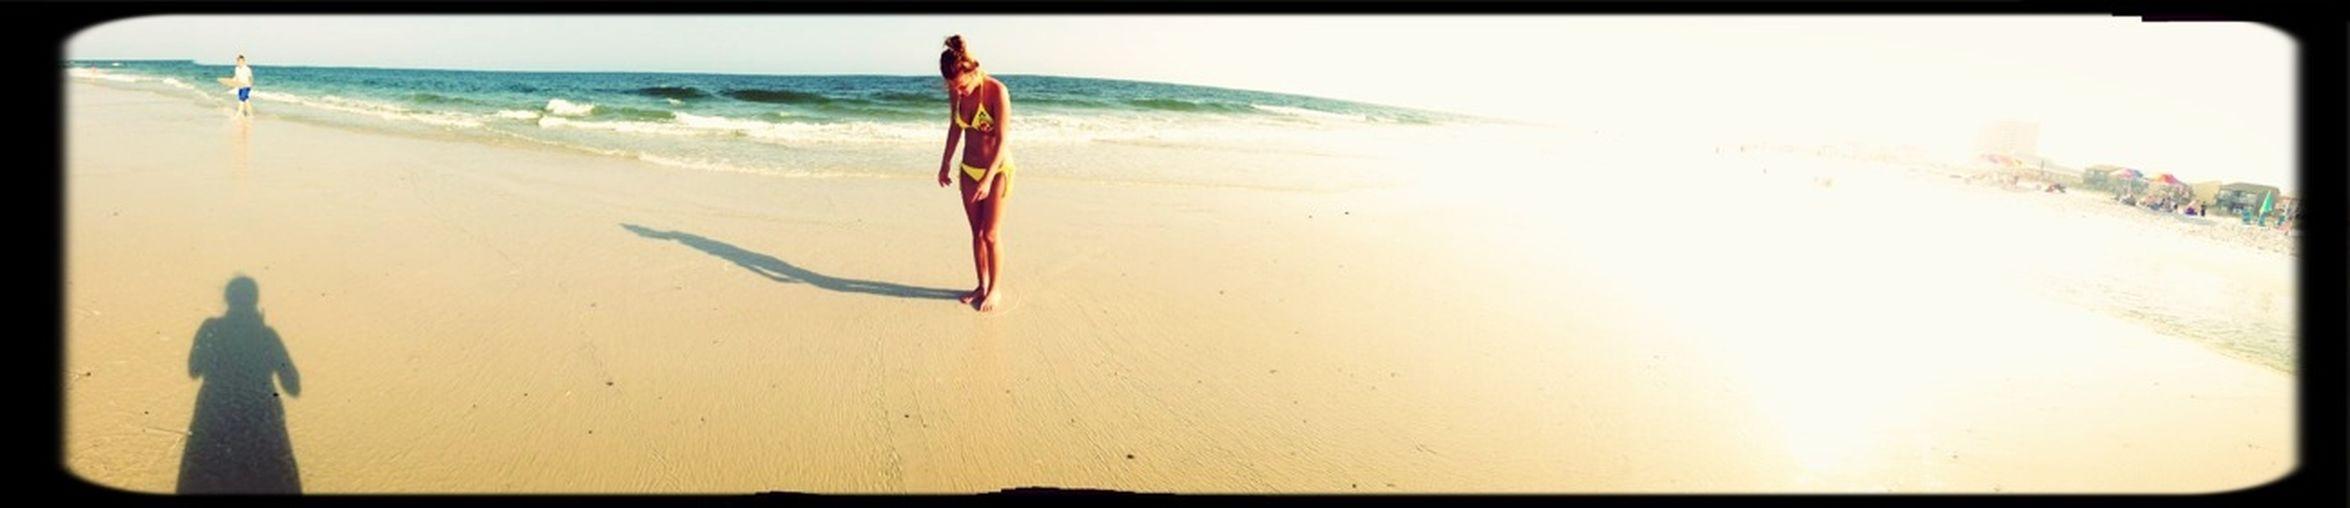 On The Sand Bar!